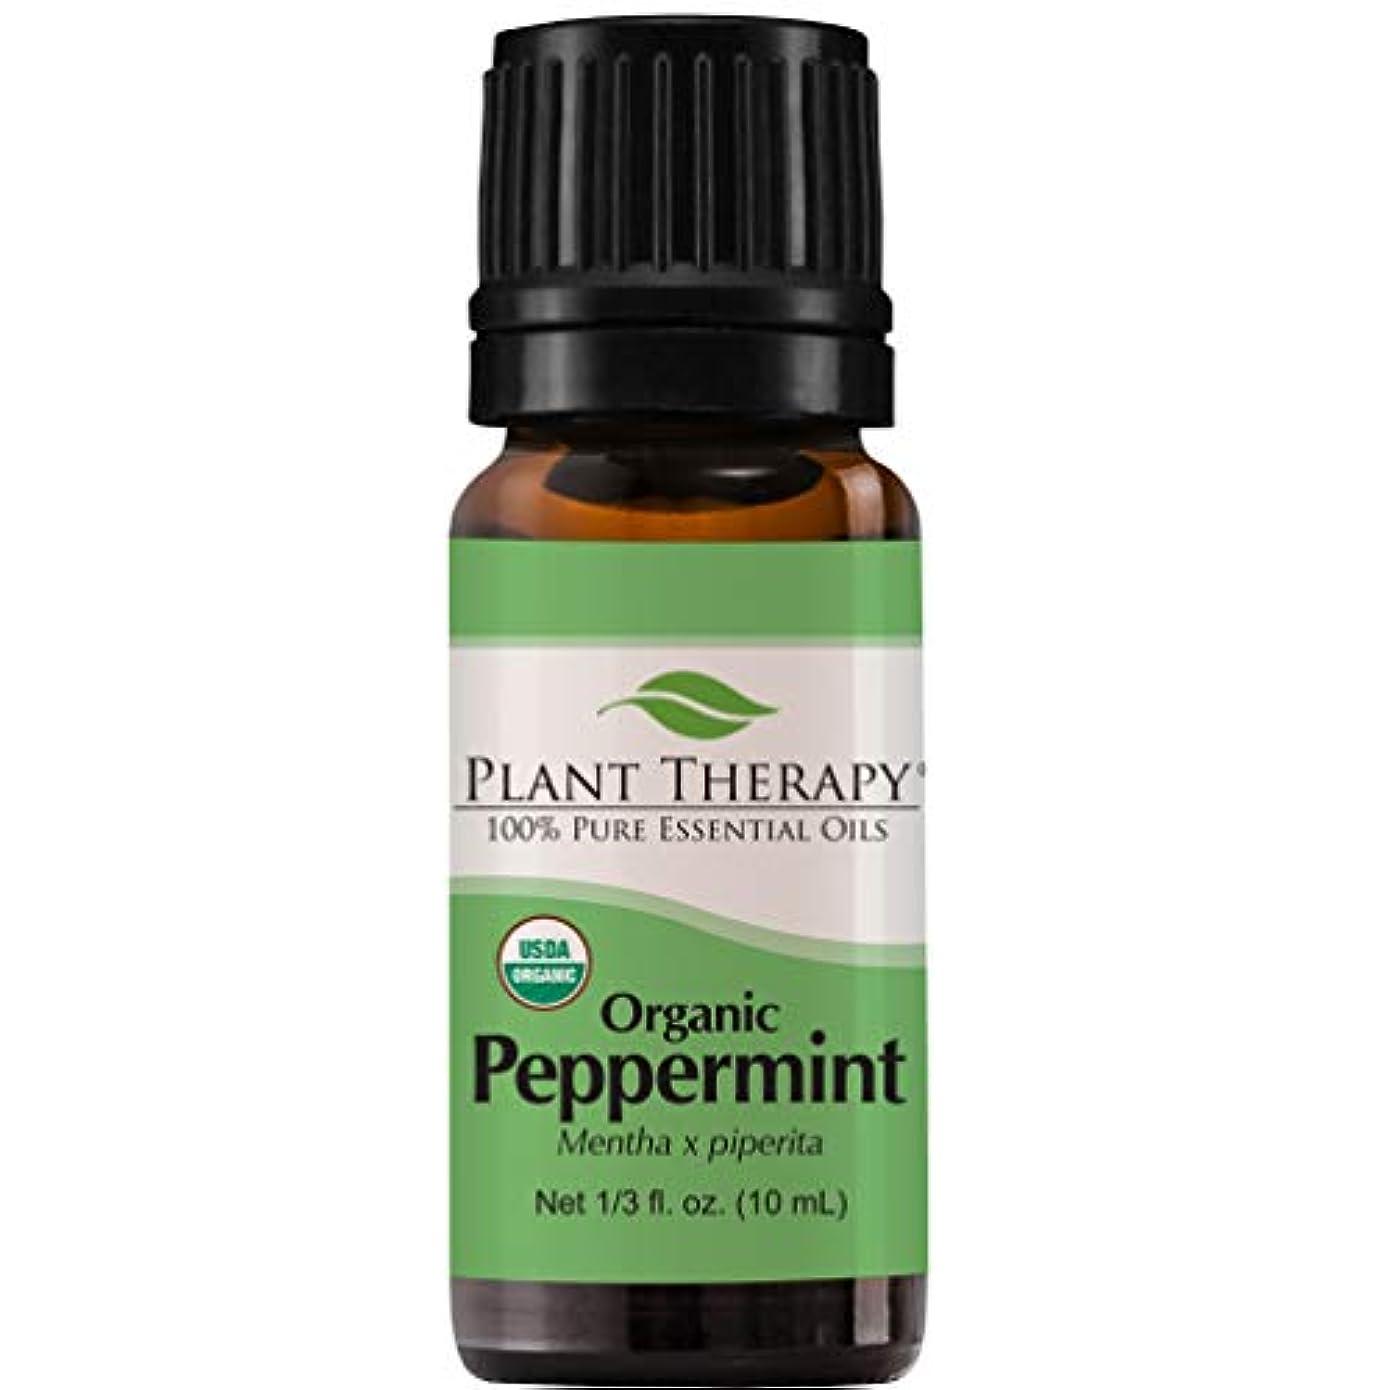 感謝しているミネラルリスクPlant Therapy Essential Oils (プラントセラピー エッセンシャルオイル) オーガニック ペパーミント エッセンシャルオイル